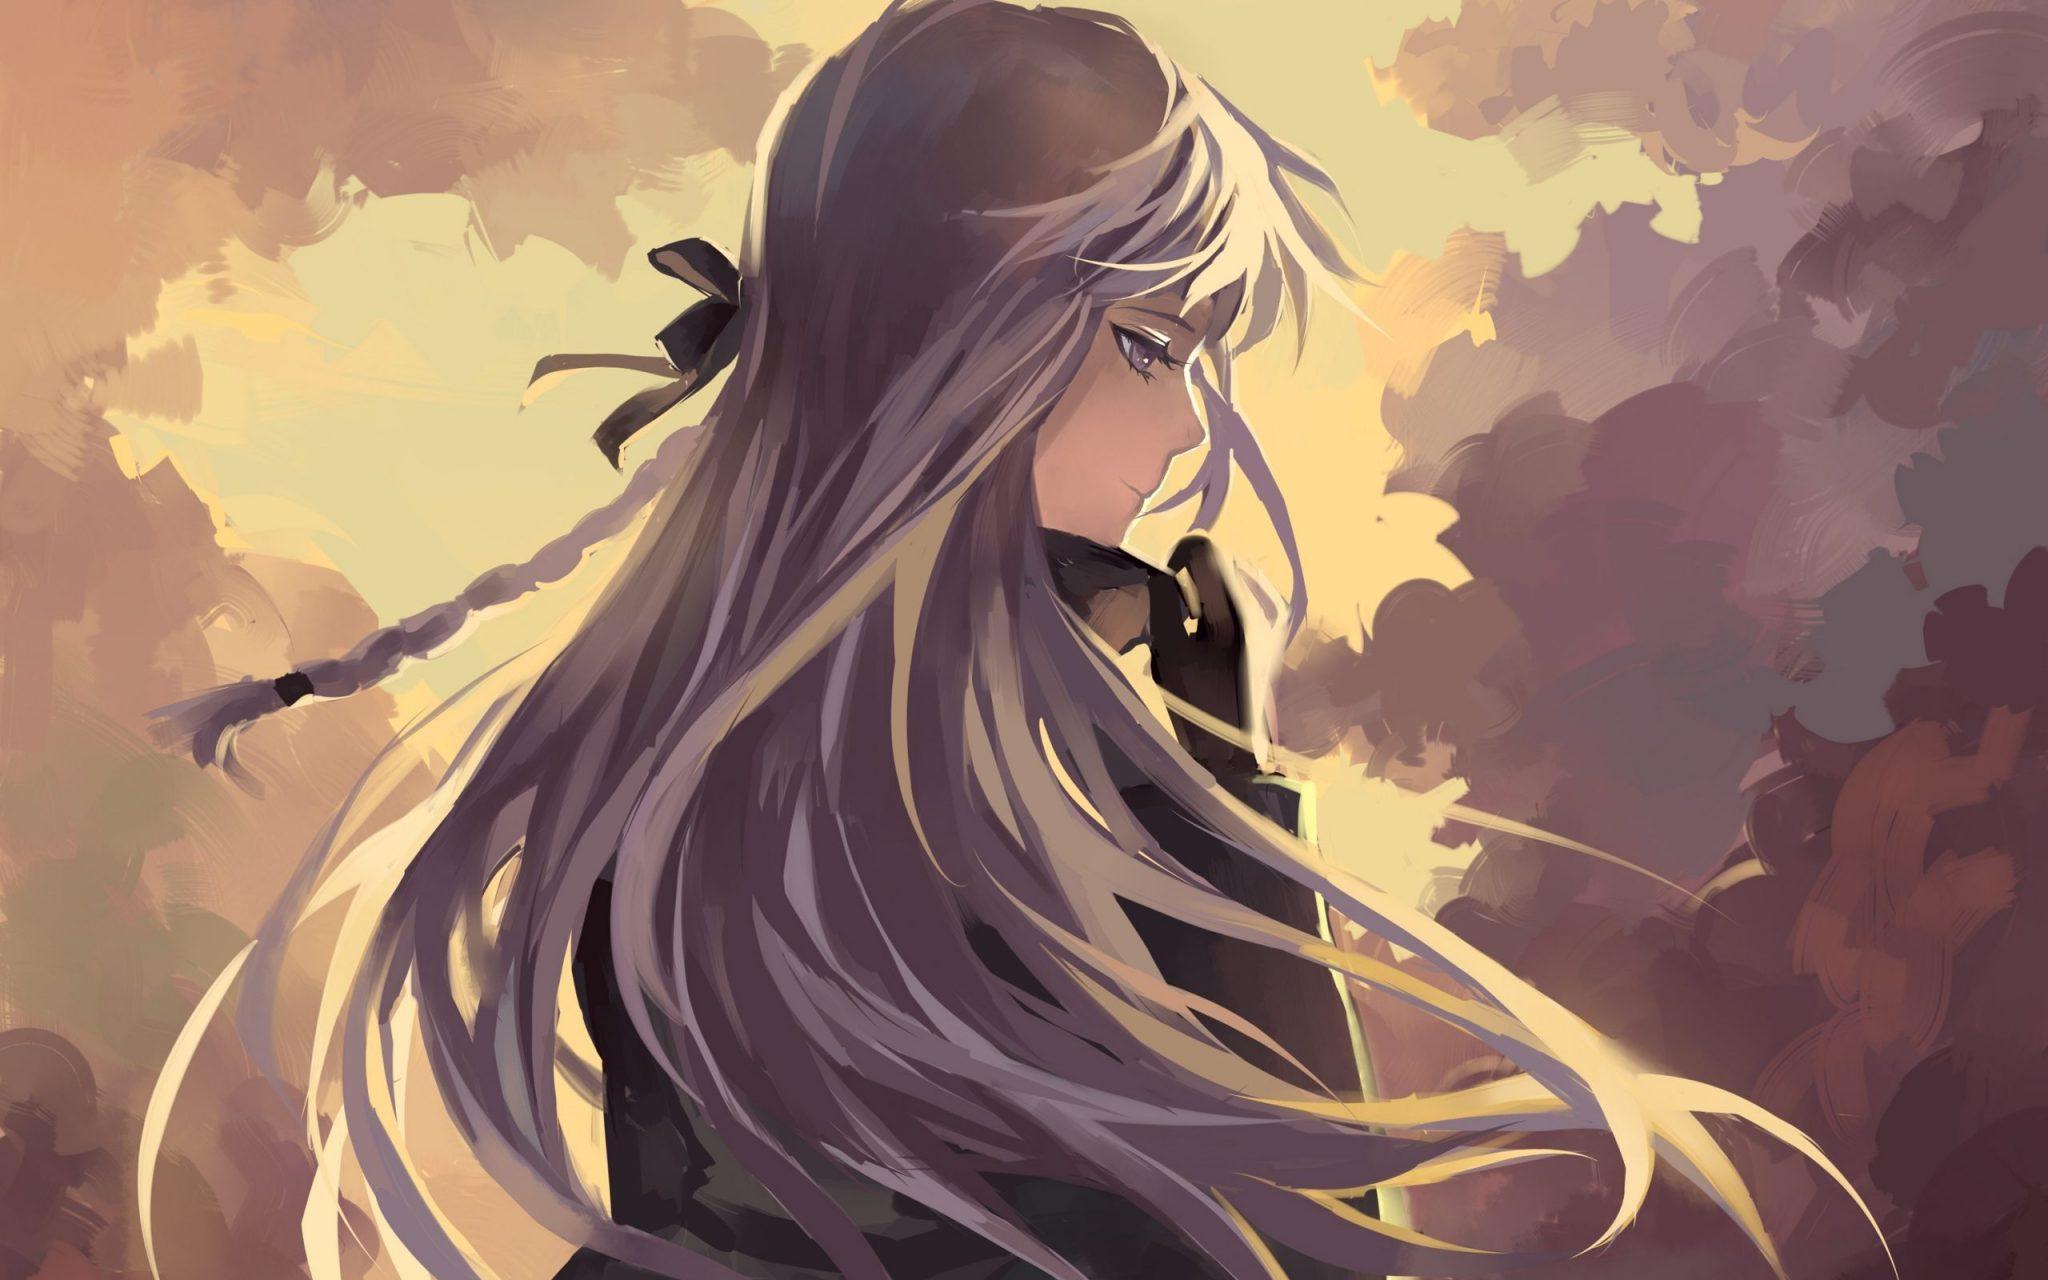 Hình anime nữ ngầu buồn đẹp